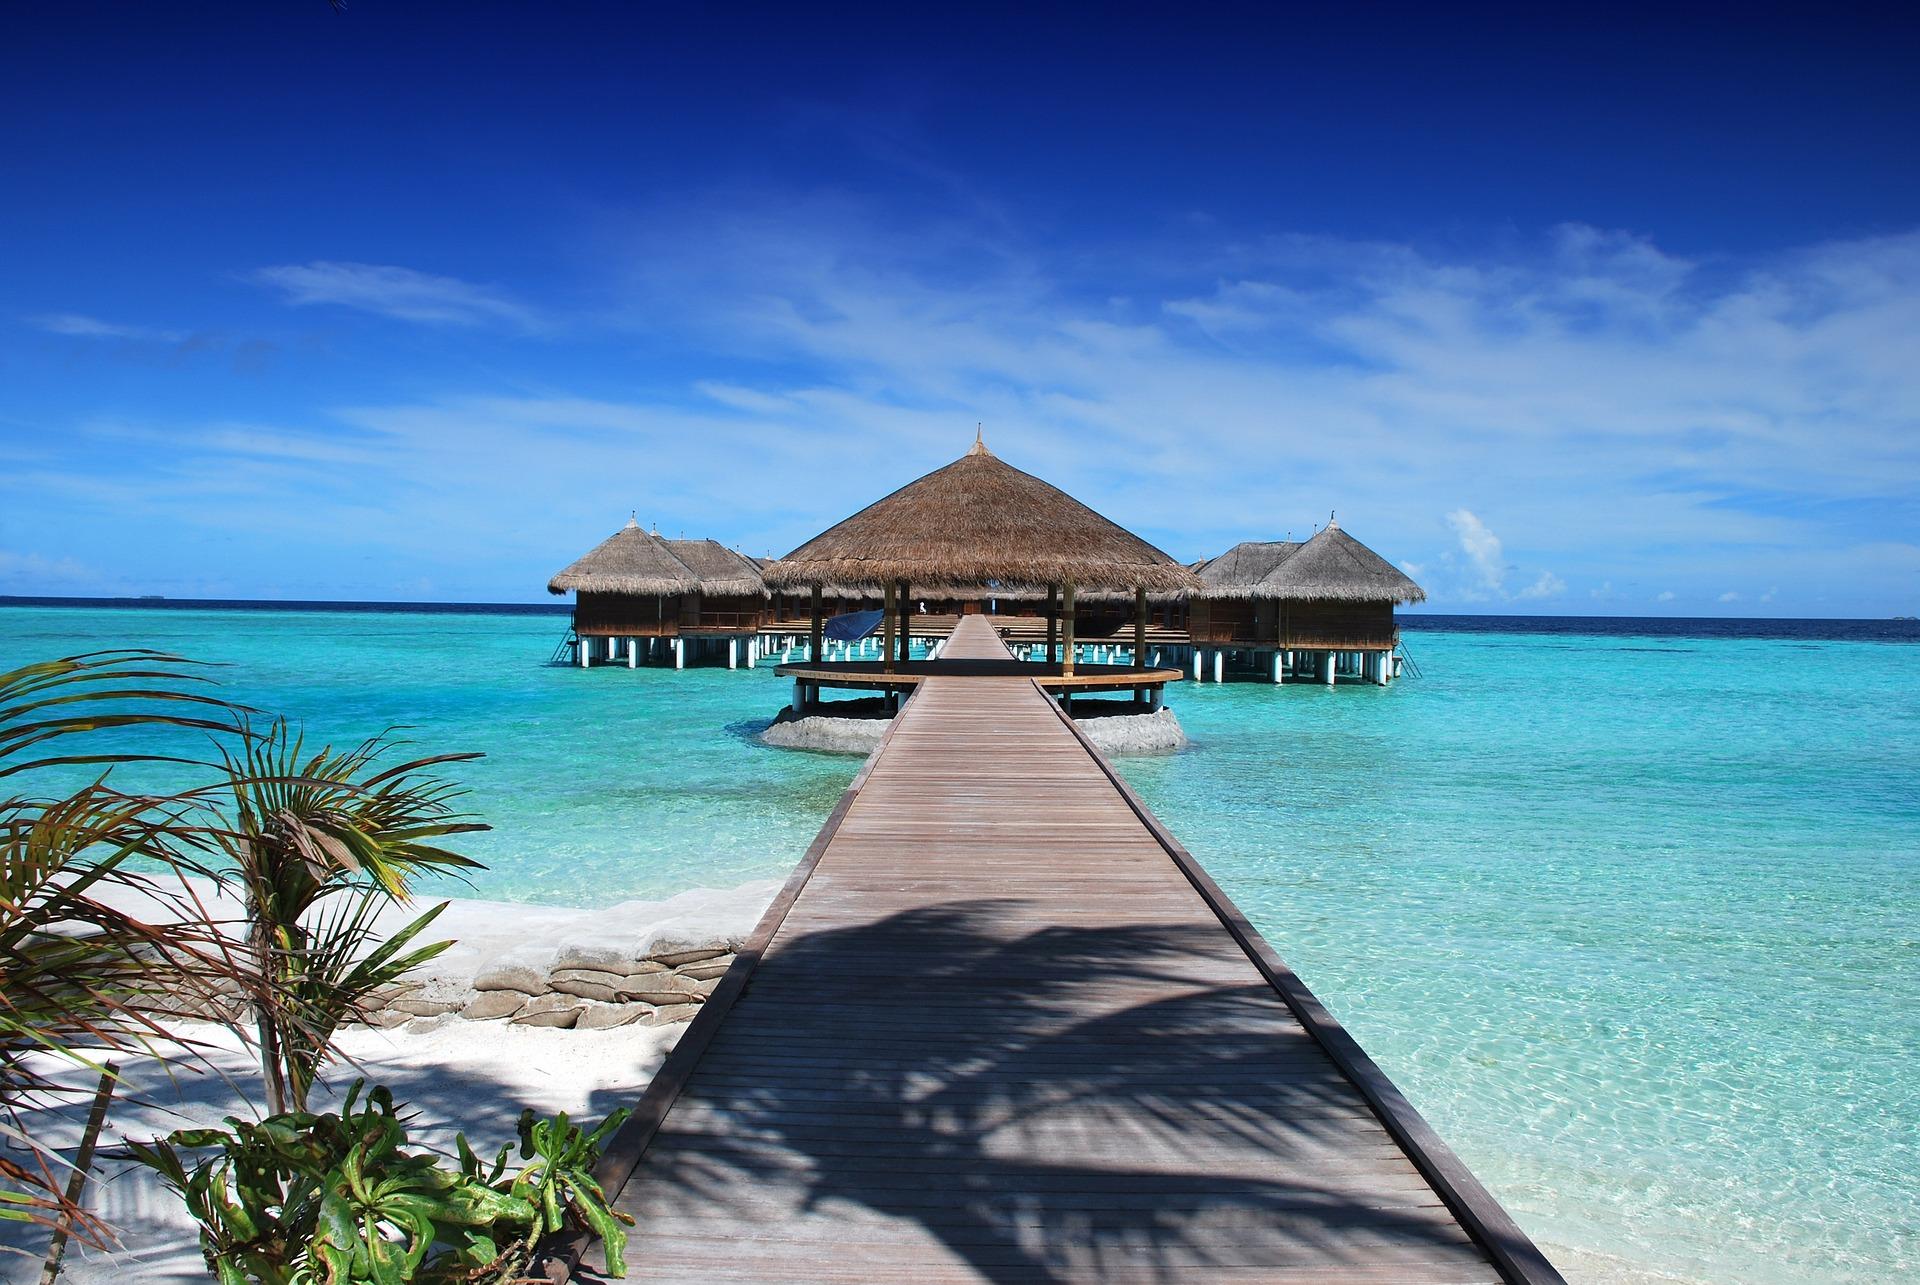 maldives-ef33b70e2a_1920